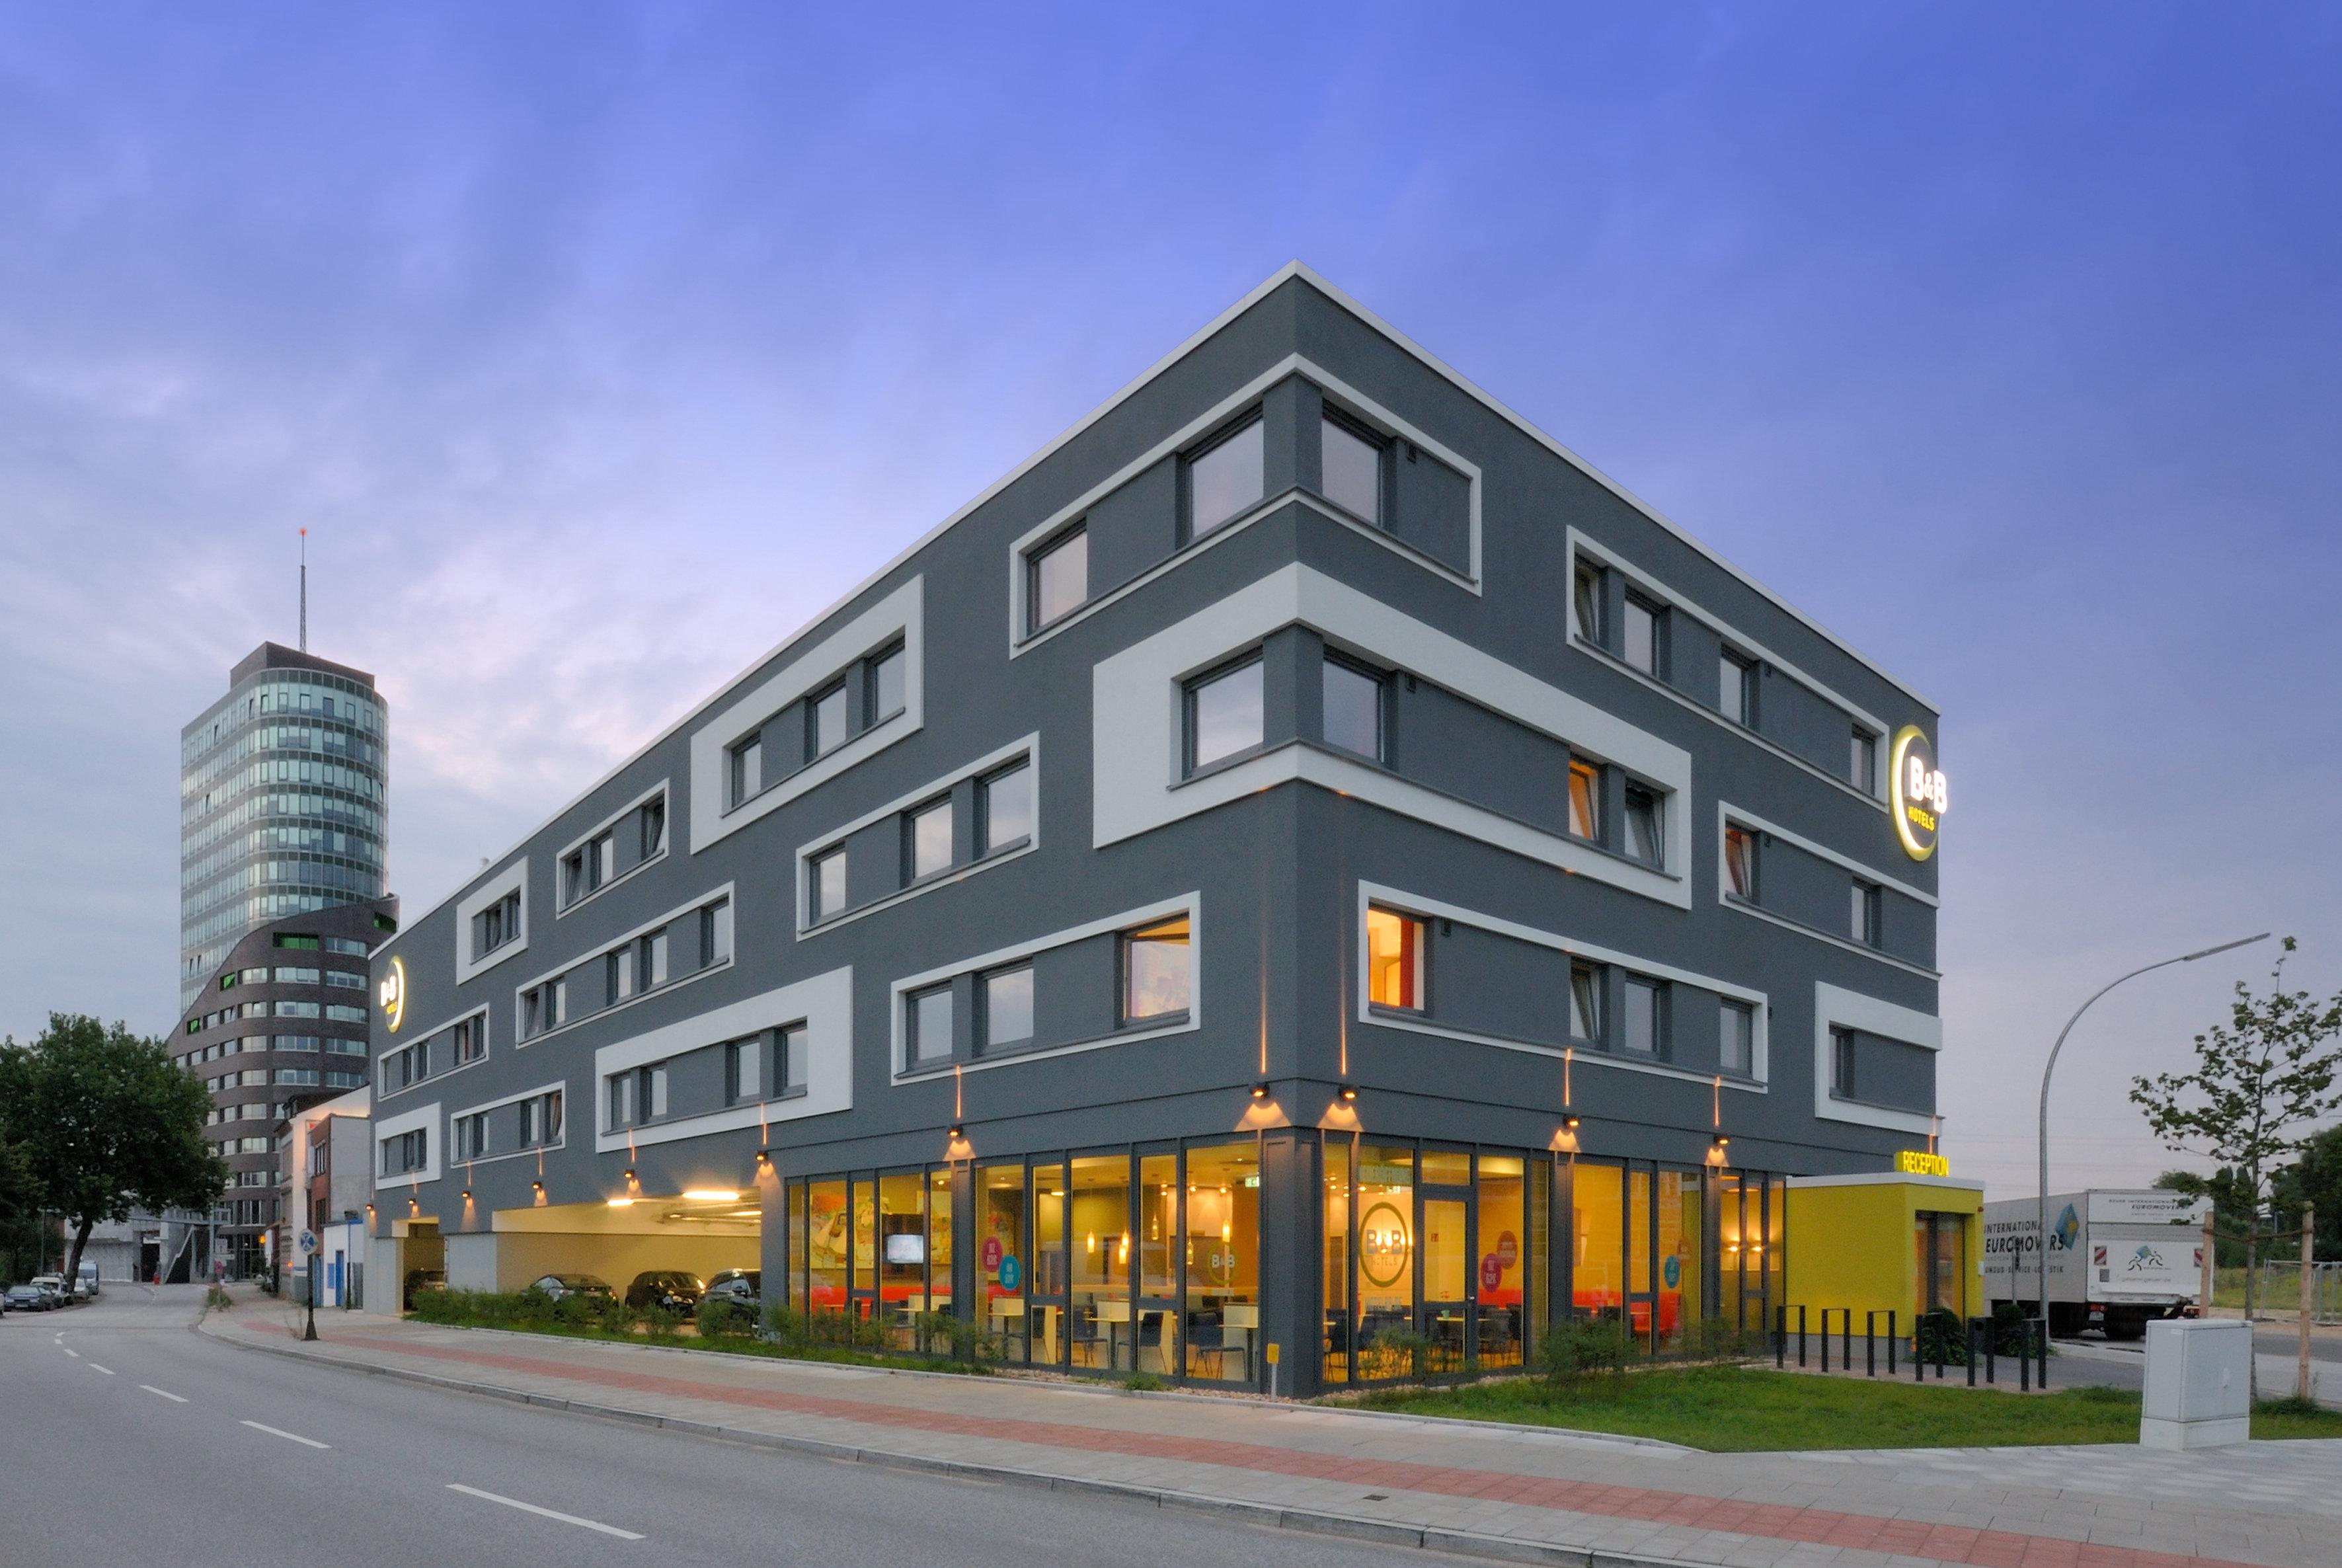 Hotel In Hamburg Harburg In 15min Im Herzen Der Hansestadt